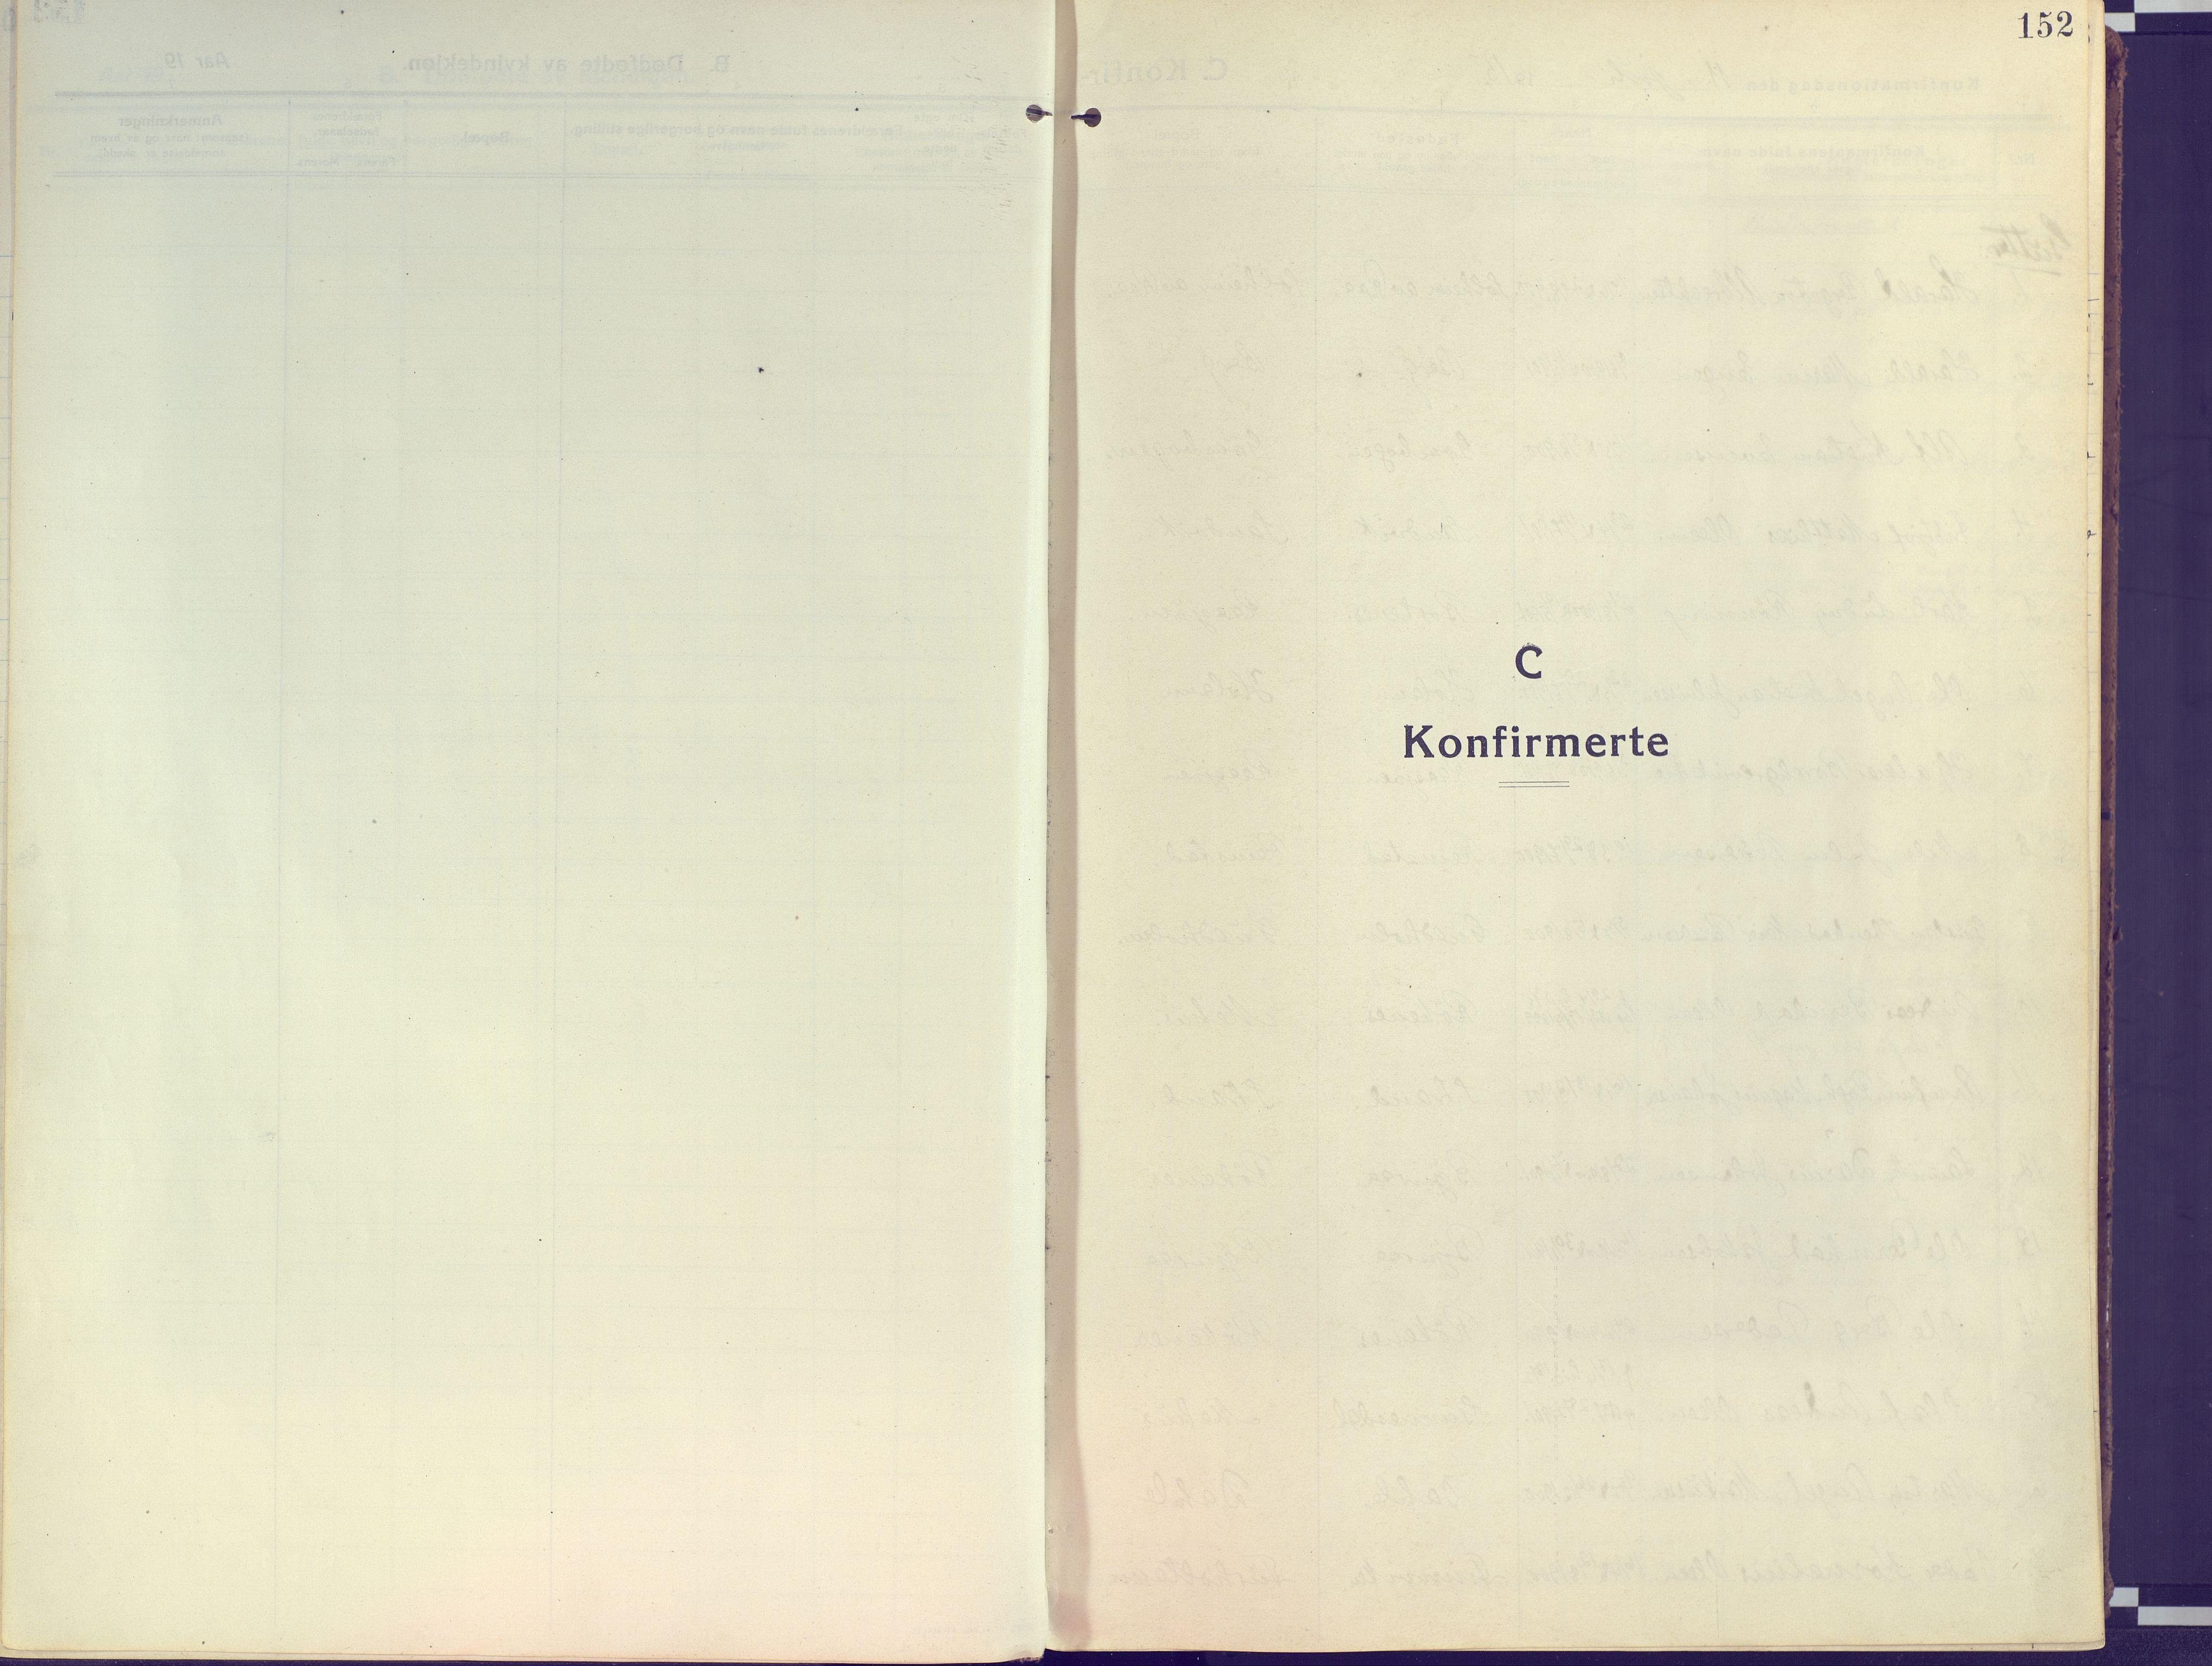 SATØ, Kvæfjord sokneprestkontor, G/Ga/Gaa/L0007kirke: Ministerialbok nr. 7, 1915-1931, s. 152